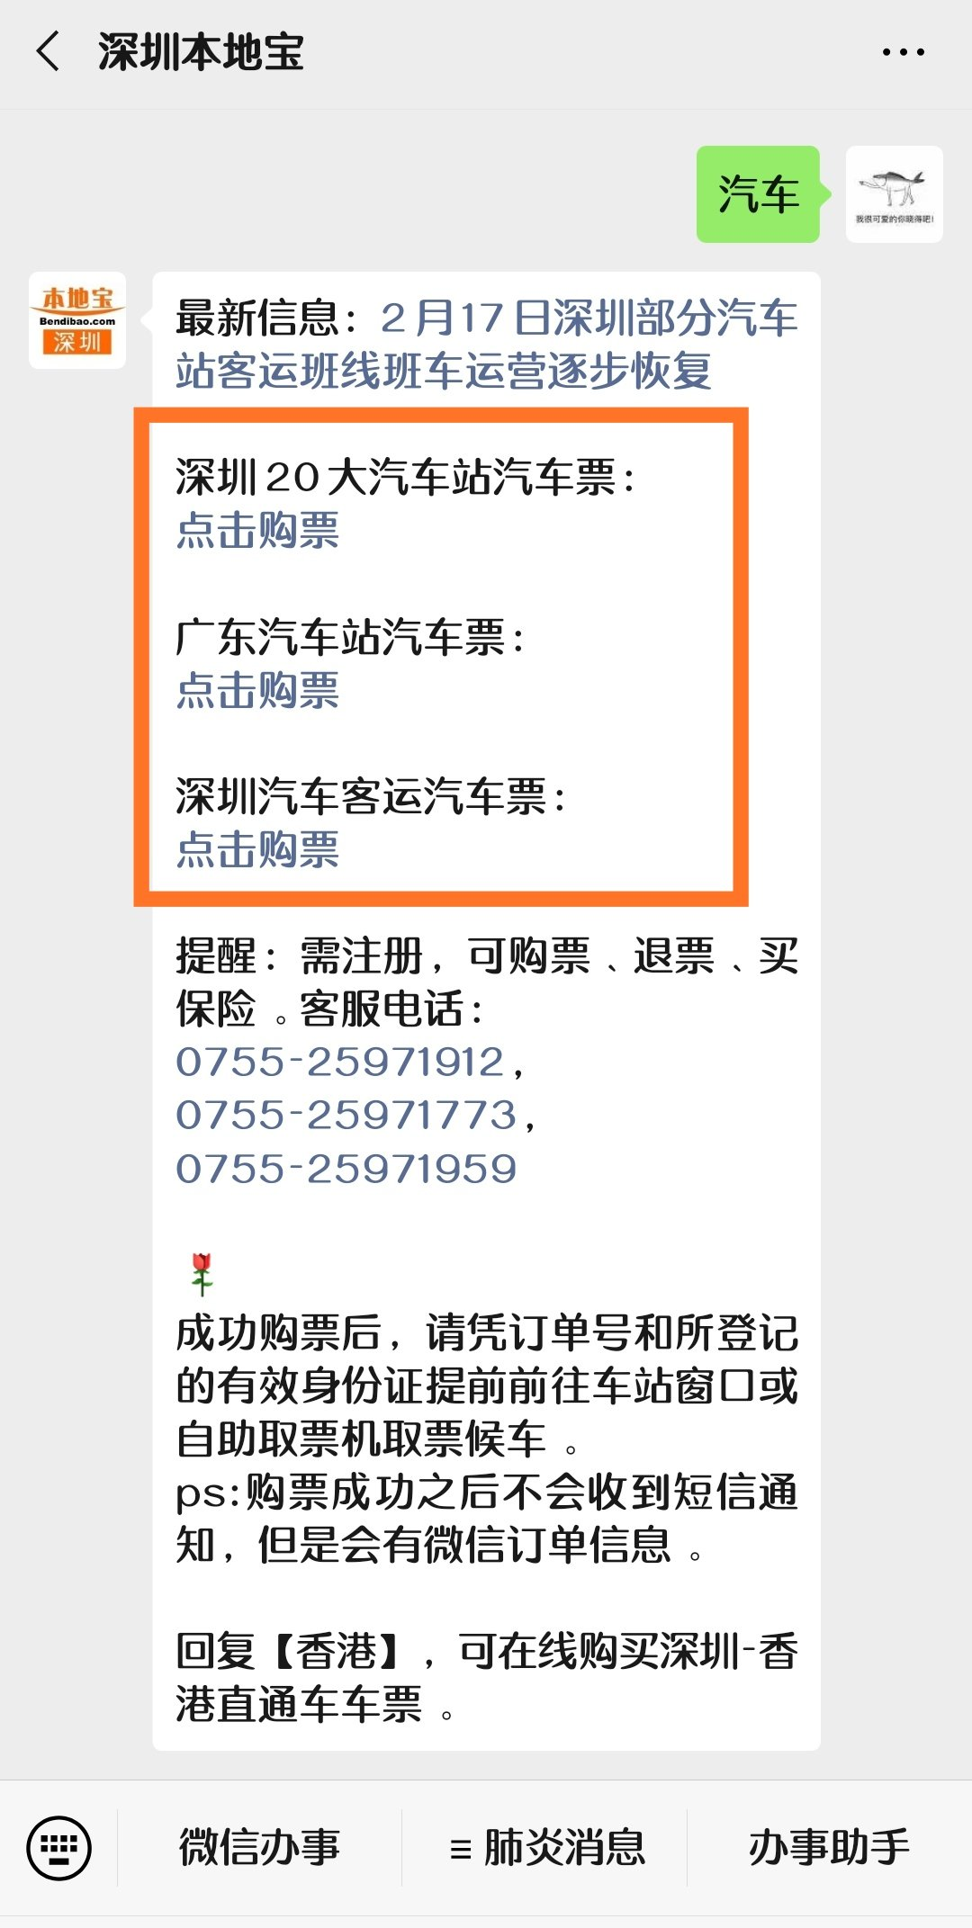 http://www.szminfu.com/qichexiaofei/40884.html